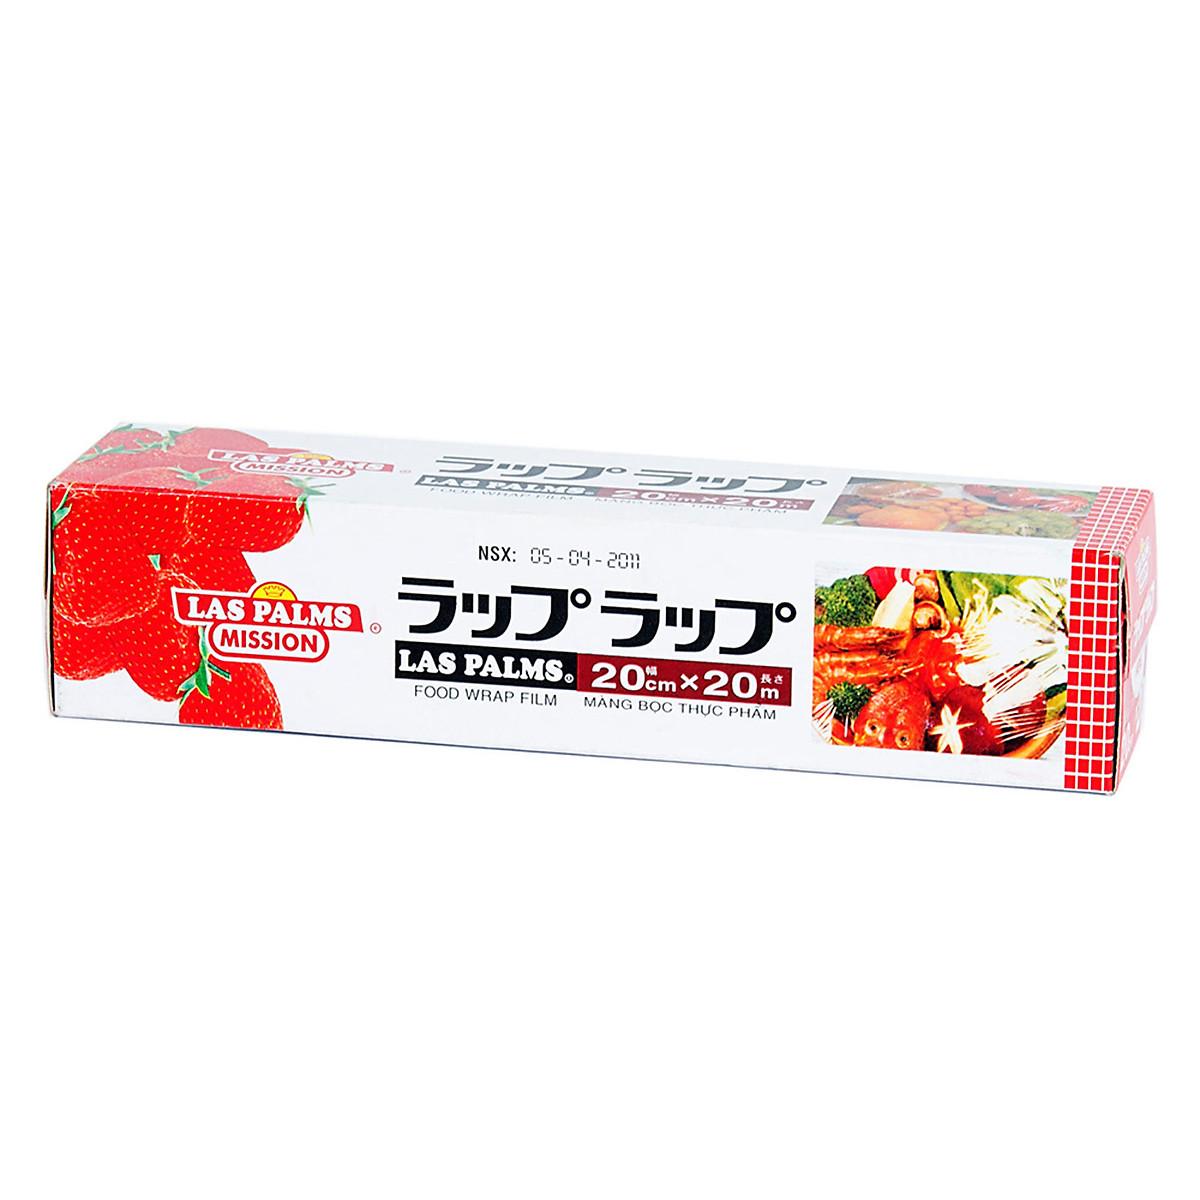 Màng Bọc Thực Phẩm PVC Laspalms MBTP00090023 - 20cmx20m